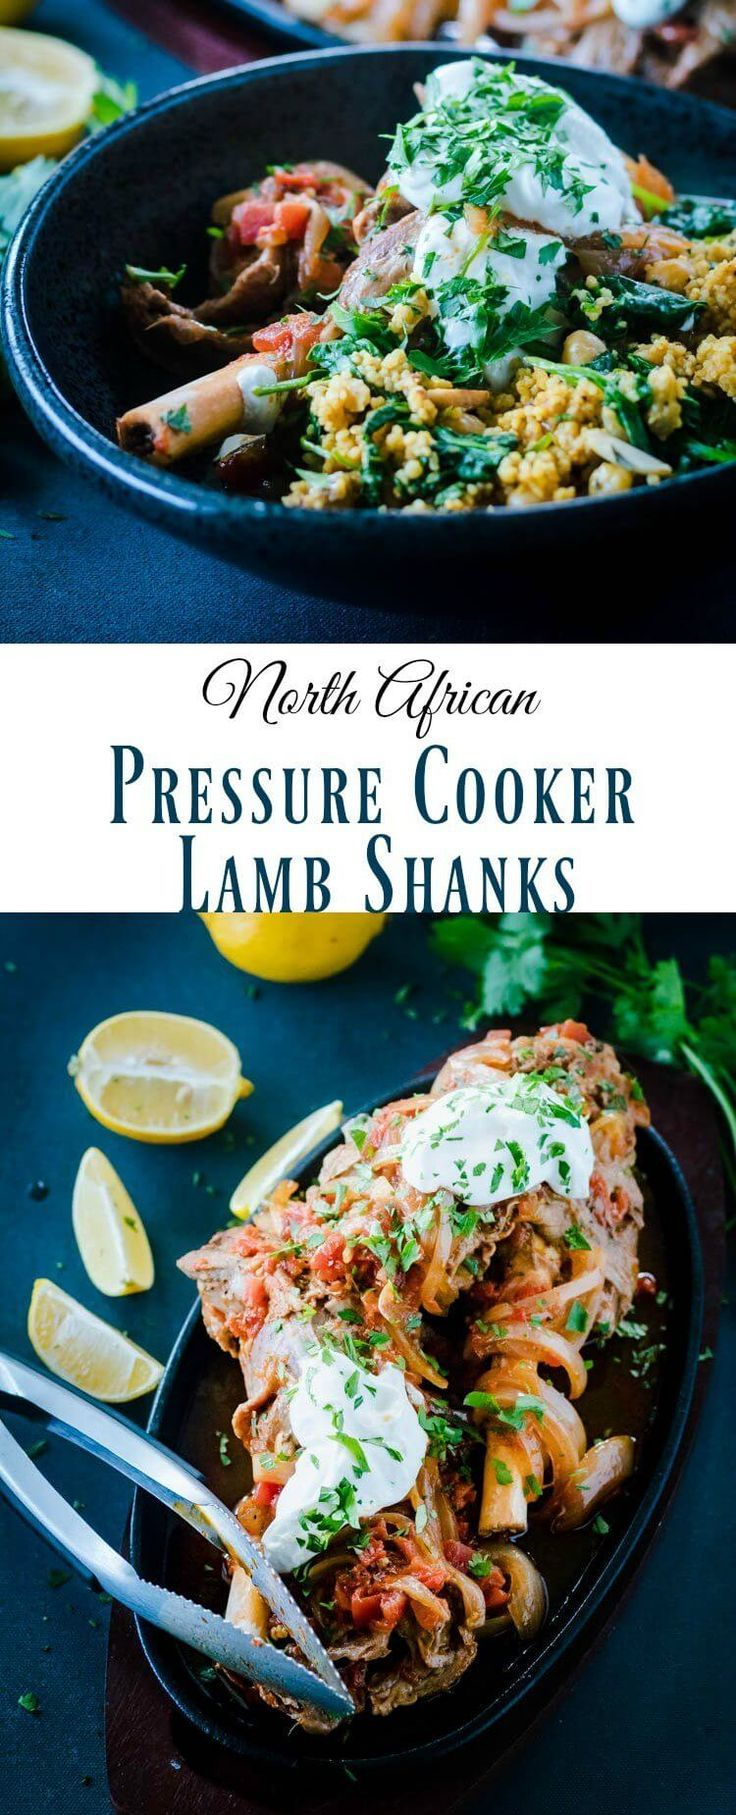 North African Pressure Cooker Lamb Shanks Pin -